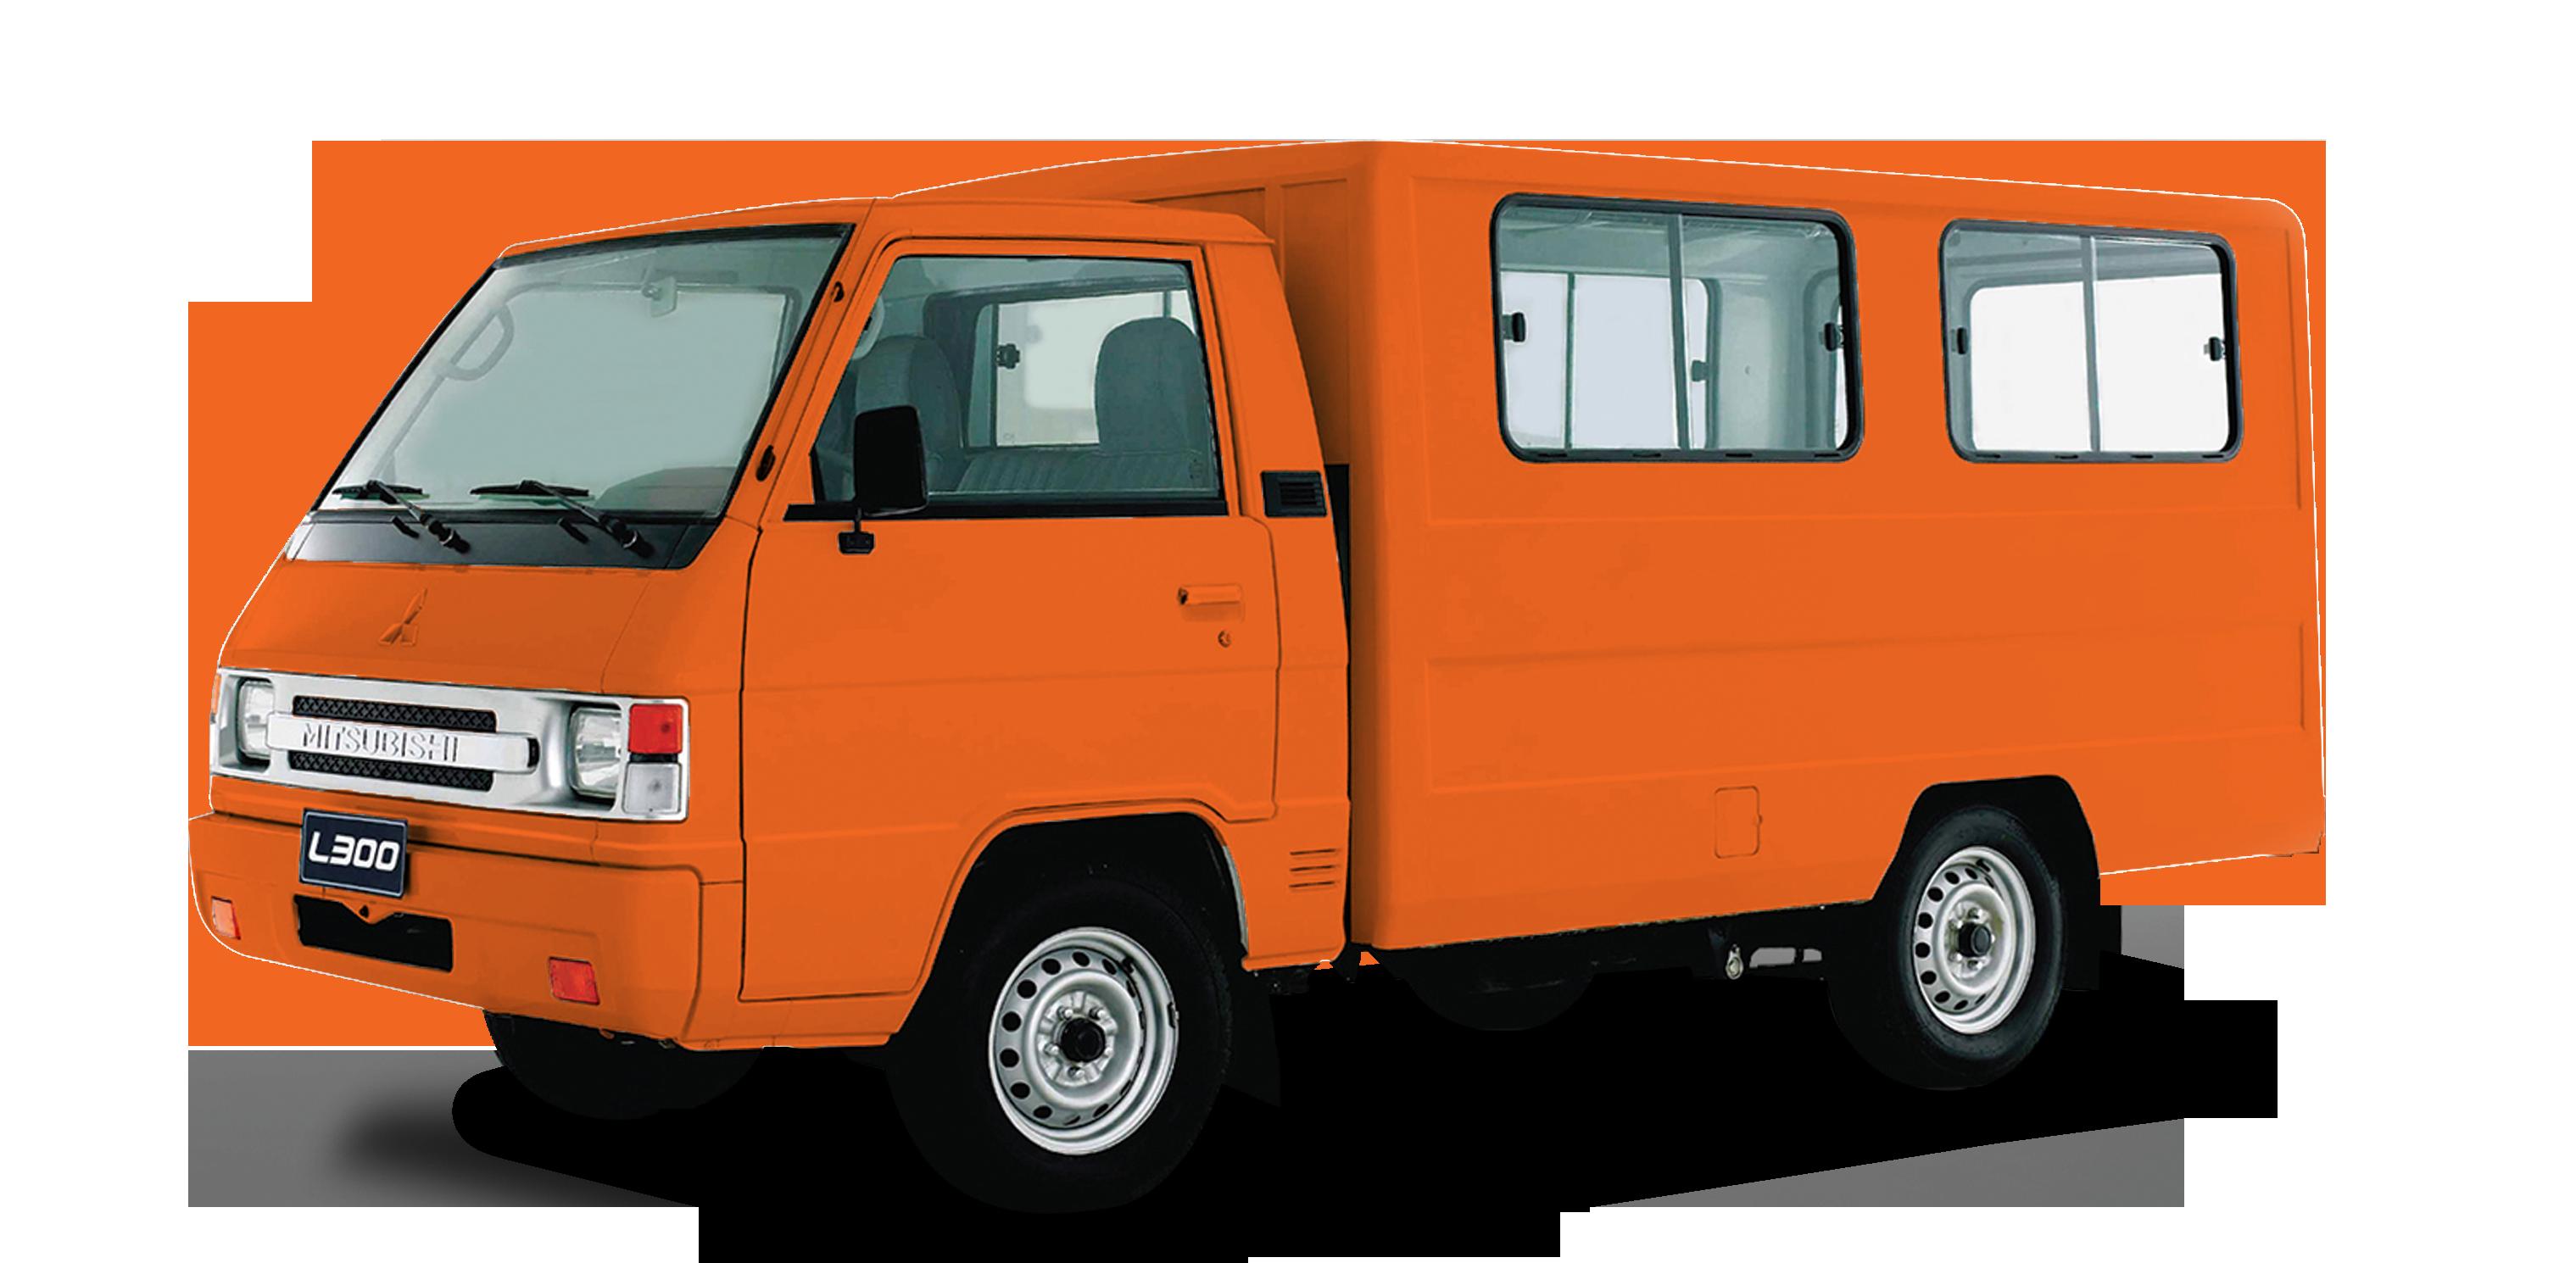 L300 orange